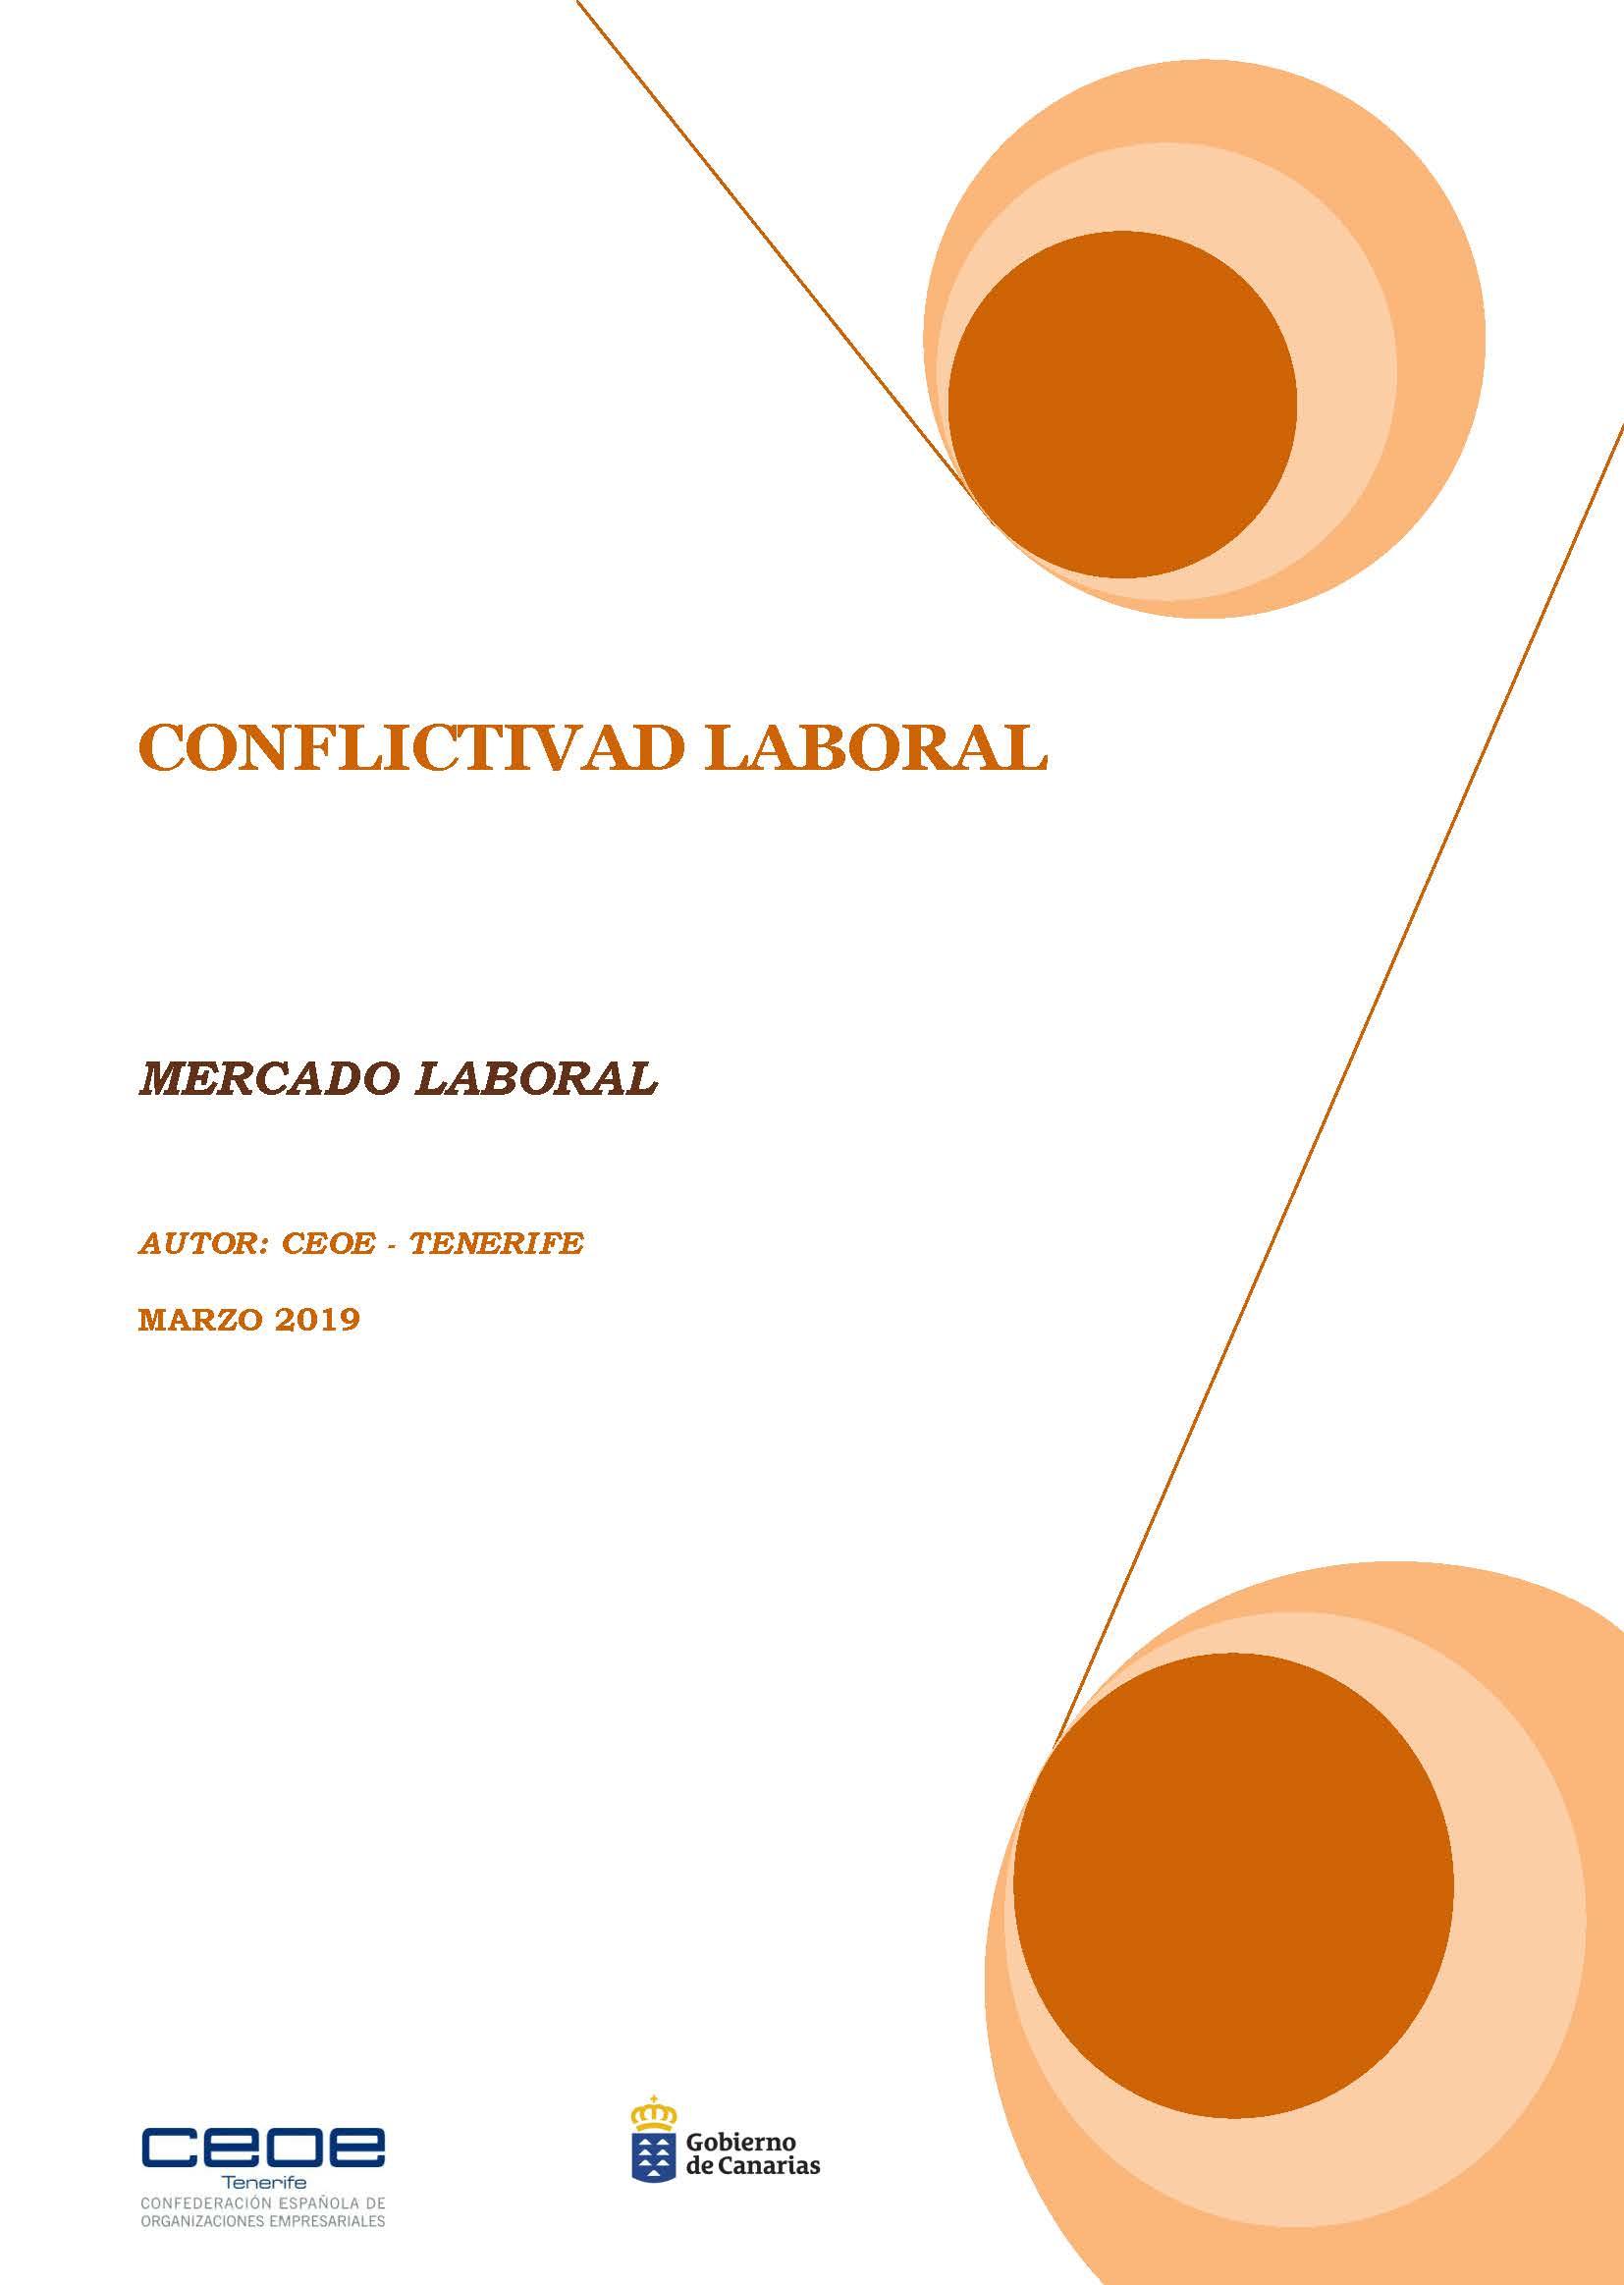 MERCADO LABORAL - CONFLICTIVIDAD LABORAL MARZO 2019